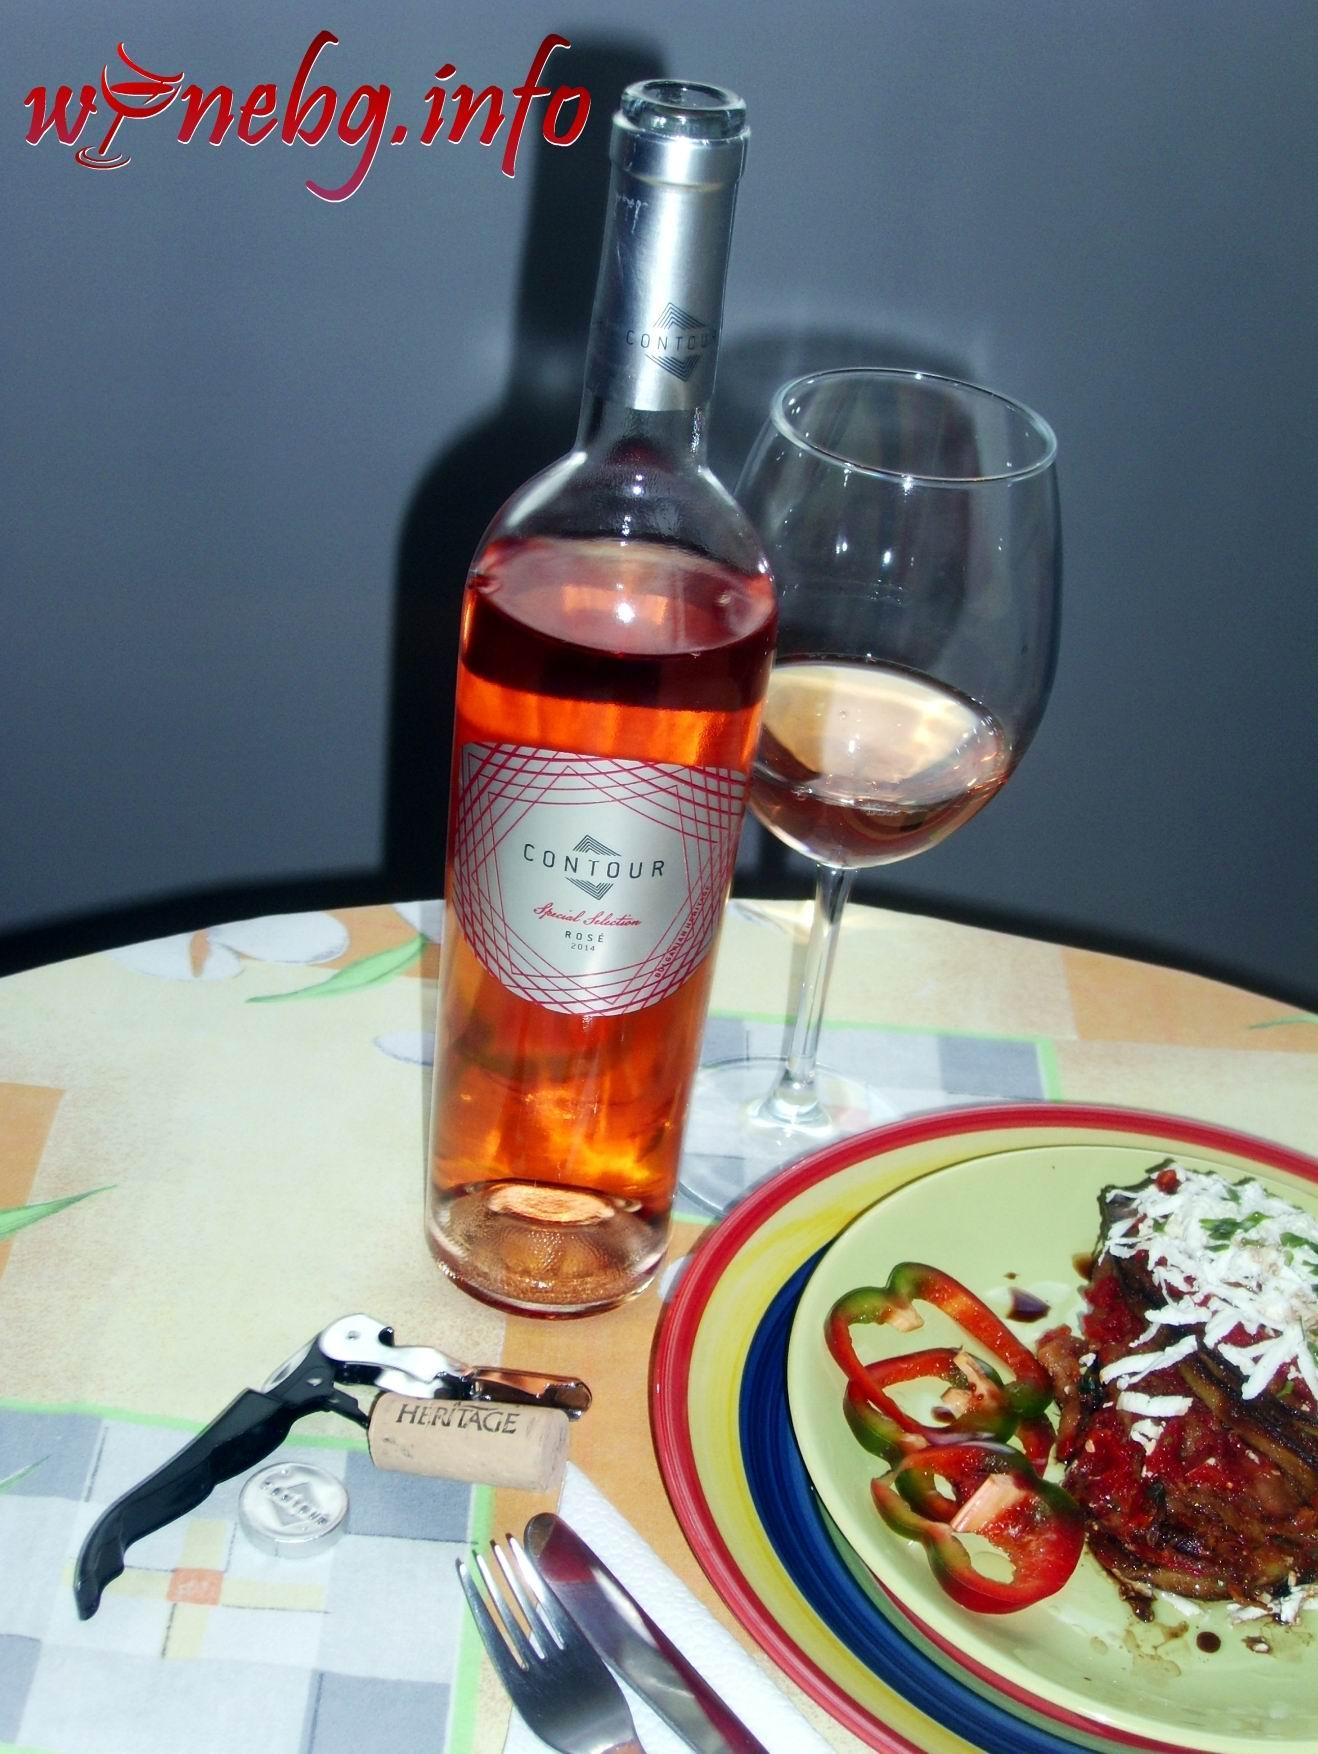 Contour Rose Cabеrnet Sauvignon & Pinot Noir 2014 – Изба Карабунар